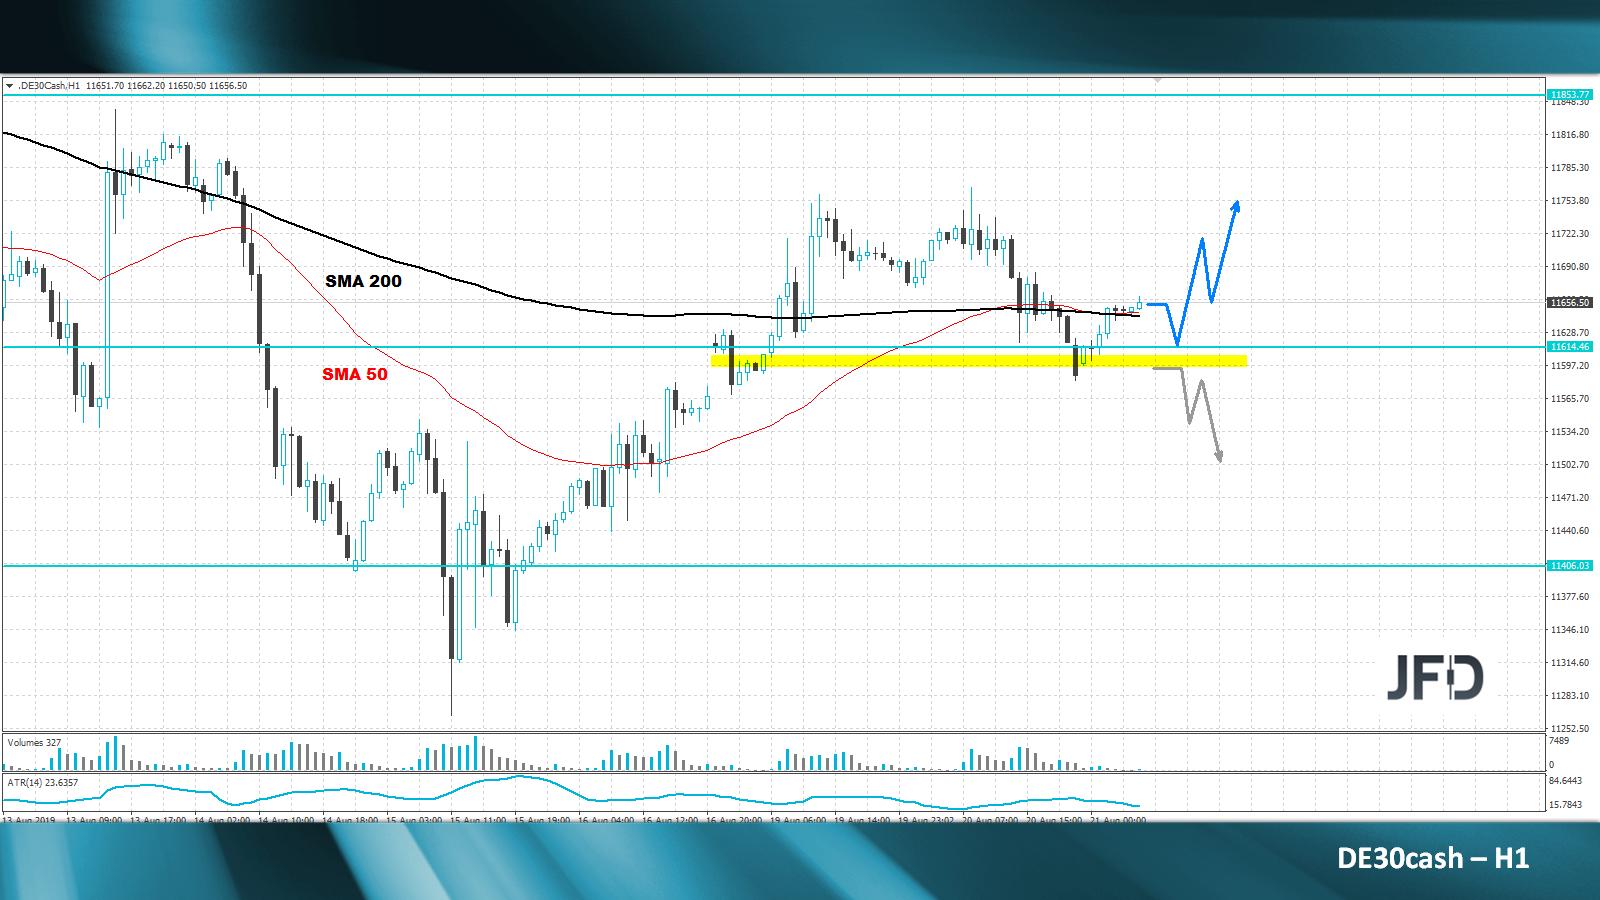 DAX-was-passiert-vor-dem-FOMC-Protokoll-heute-Kommentar-JFD-Bank-GodmodeTrader.de-1